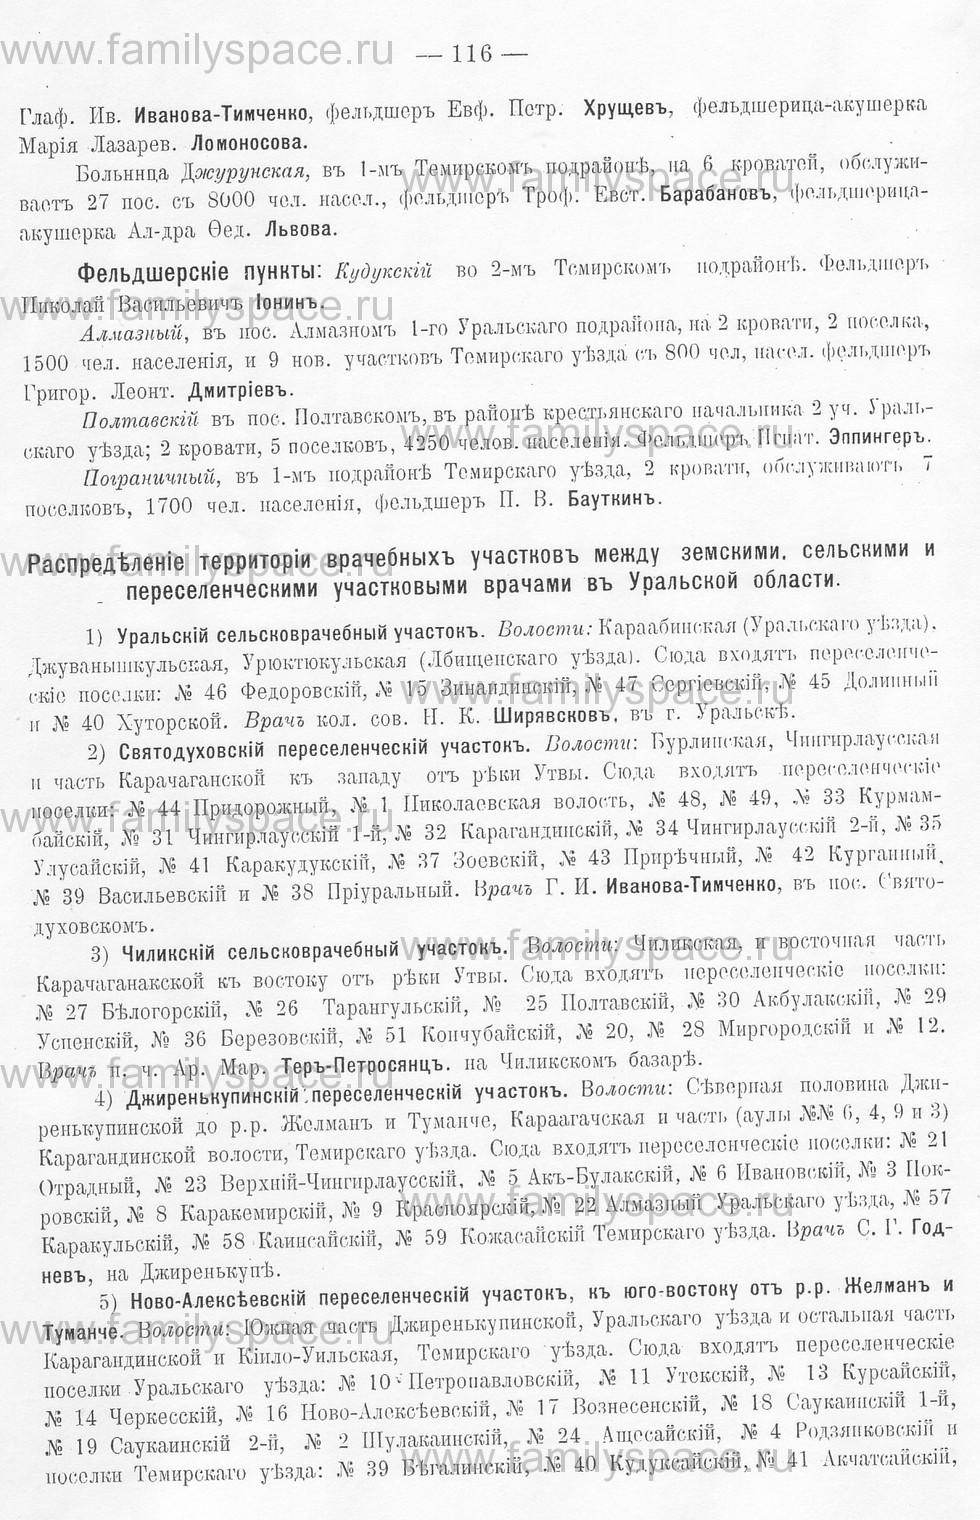 Поиск по фамилии - Памятная книжка Уральской области на 1913 год, страница 116